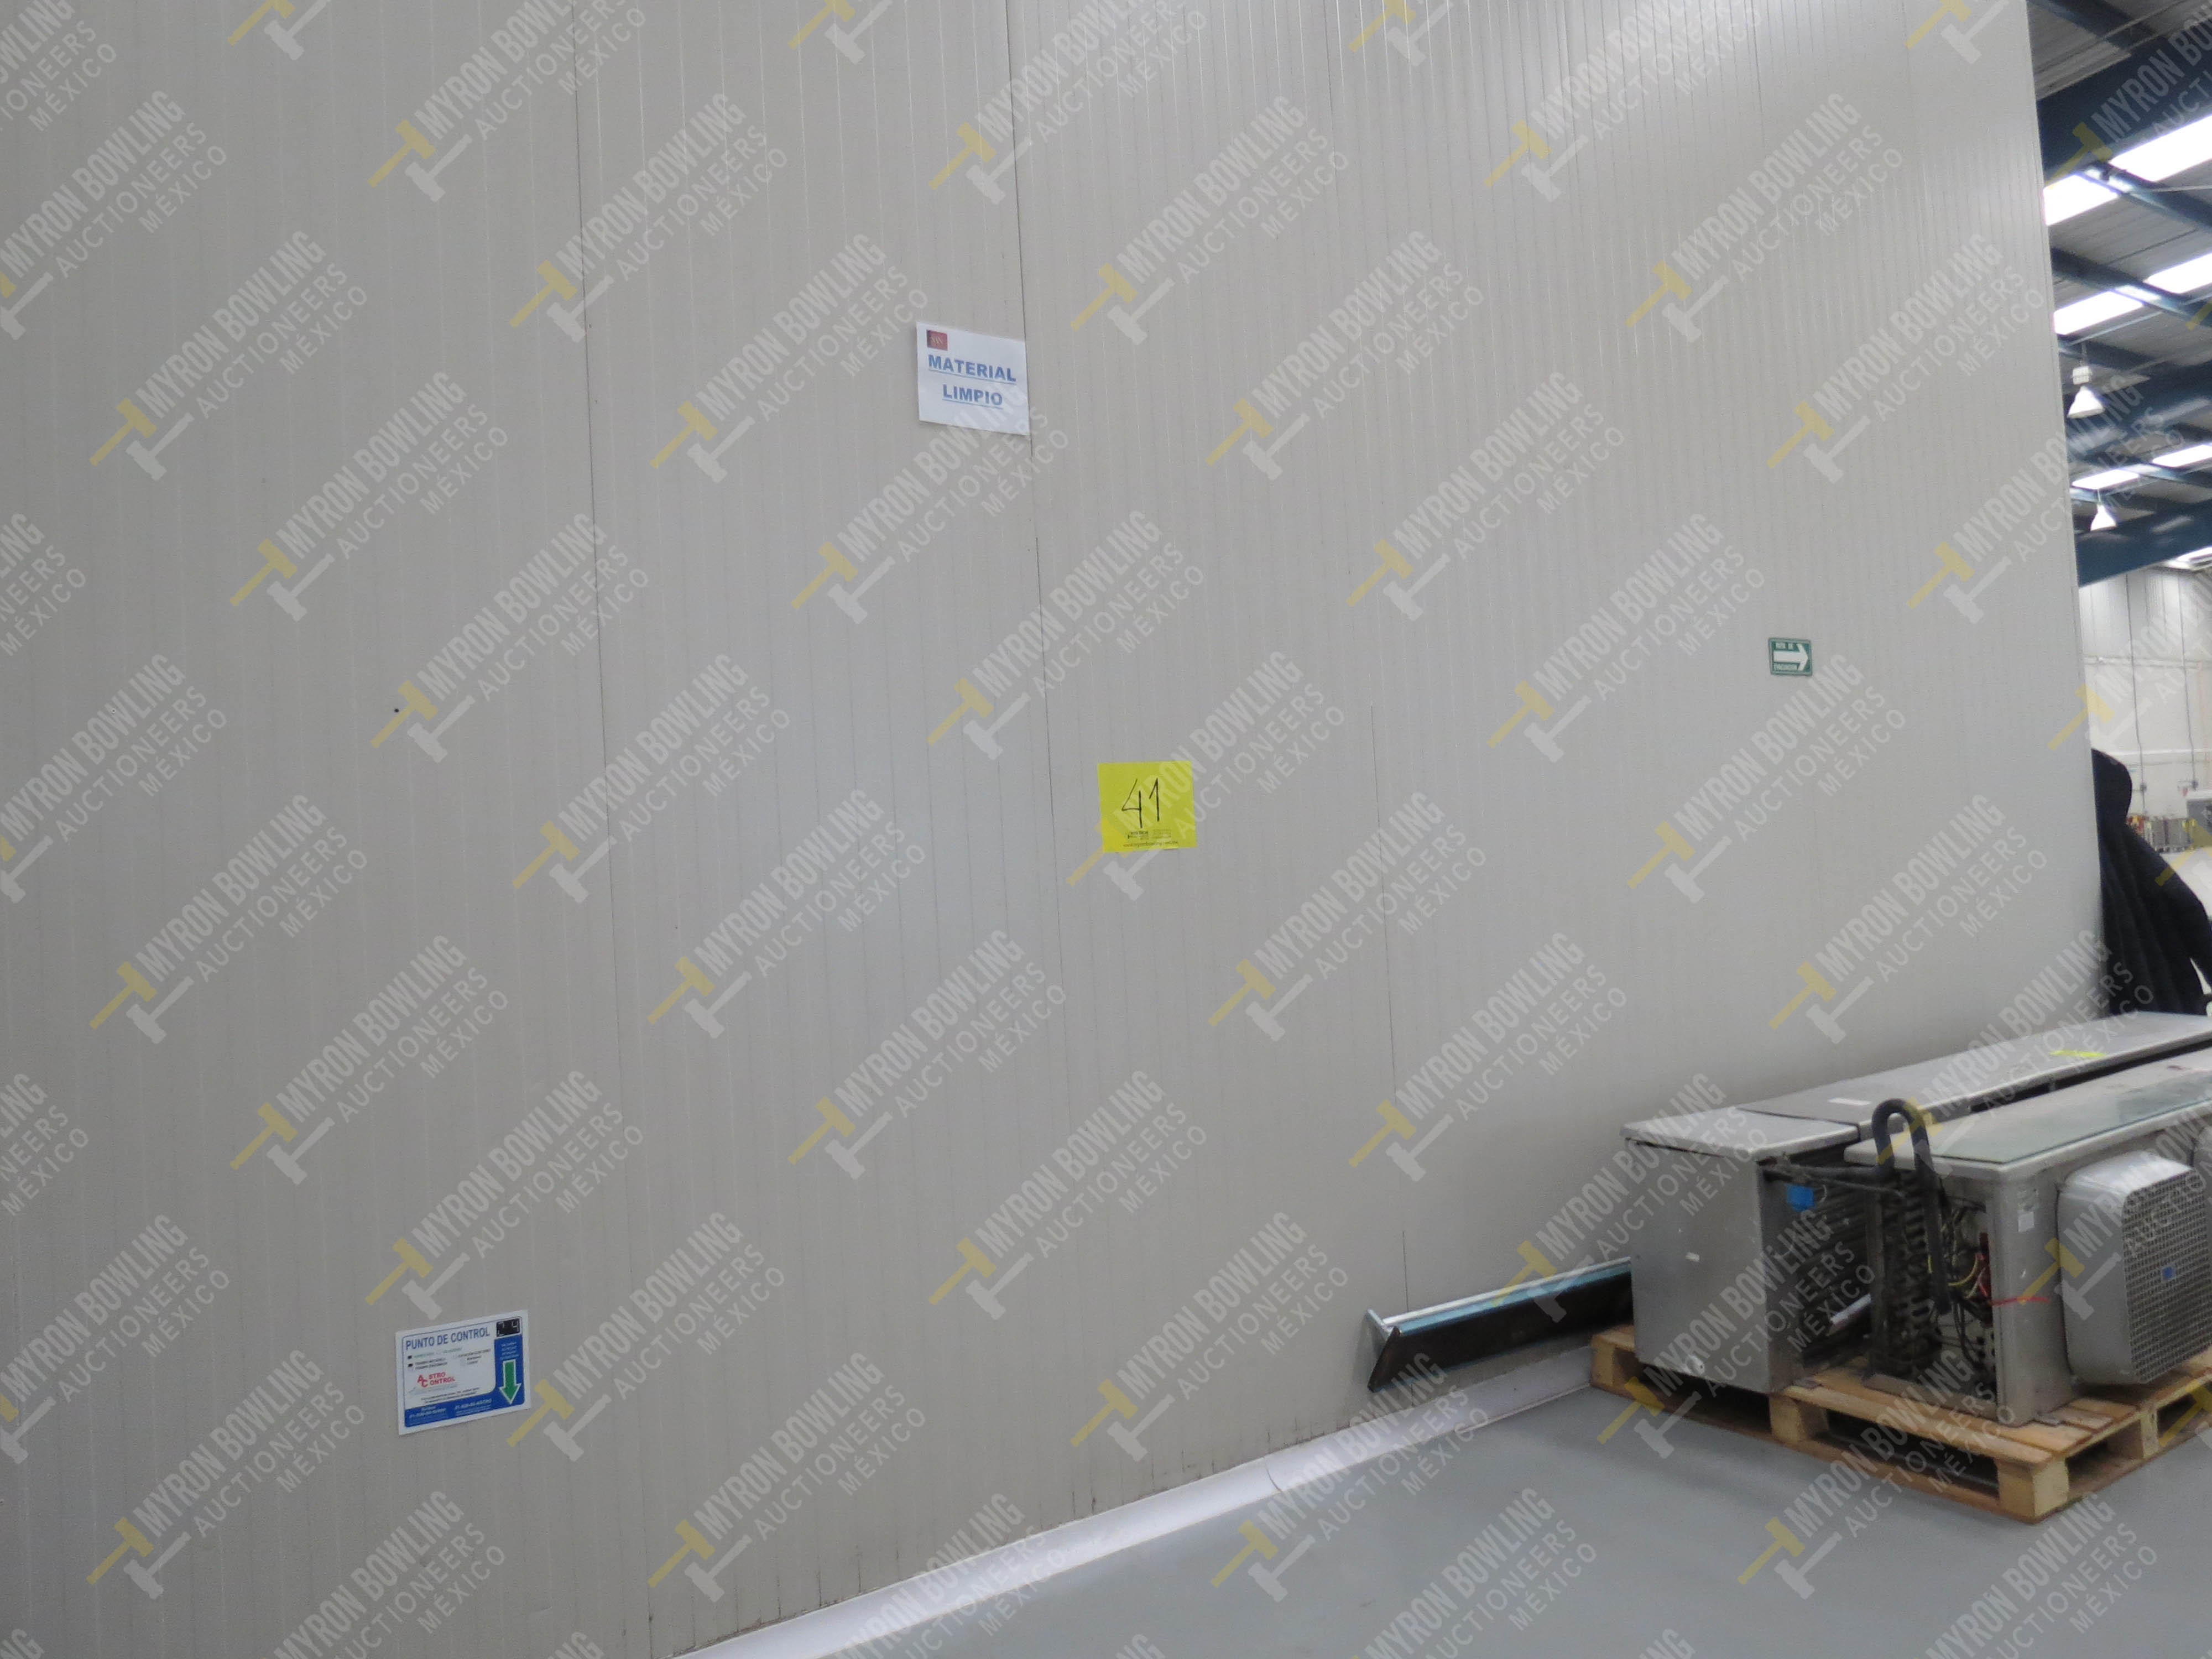 Cámara de refrigeración marca Krack, Modelo CSD-0301-L4K-133DD medidas 6.80 x 13.30 x 5.80 - Image 2 of 15